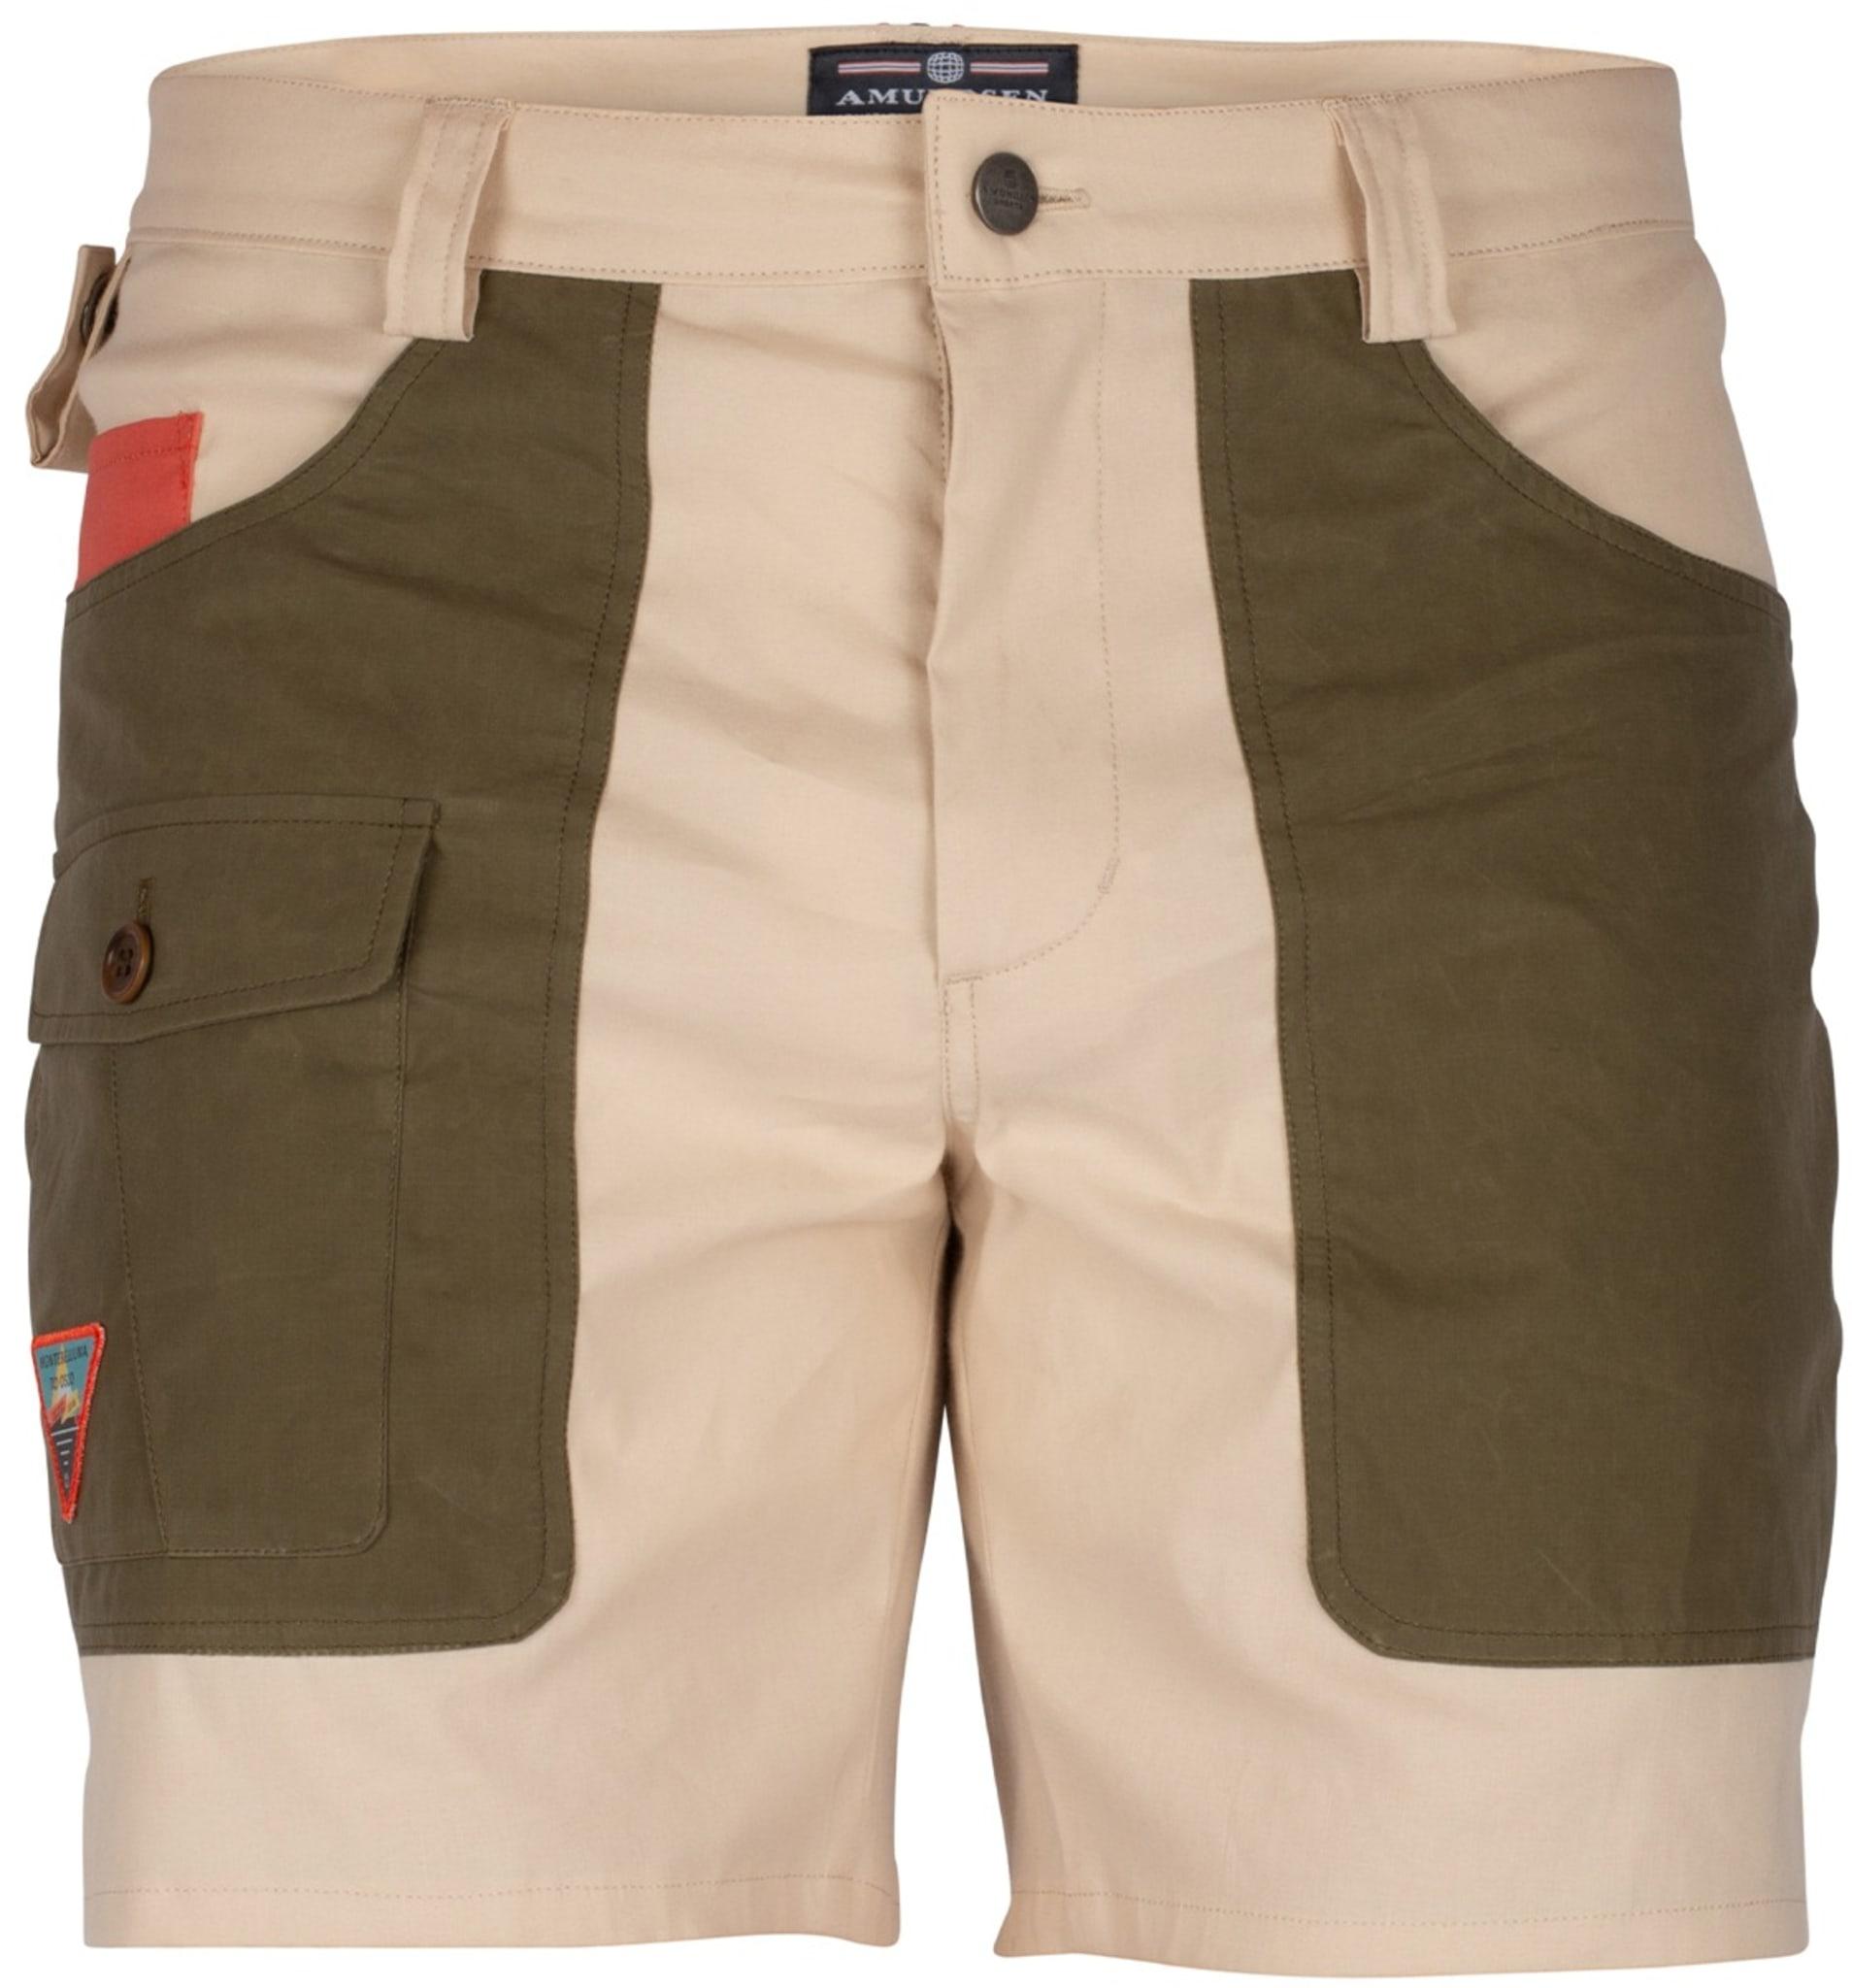 Bevegelig og hurtigtørkende shorts i bomull, lin og stretchmateriale